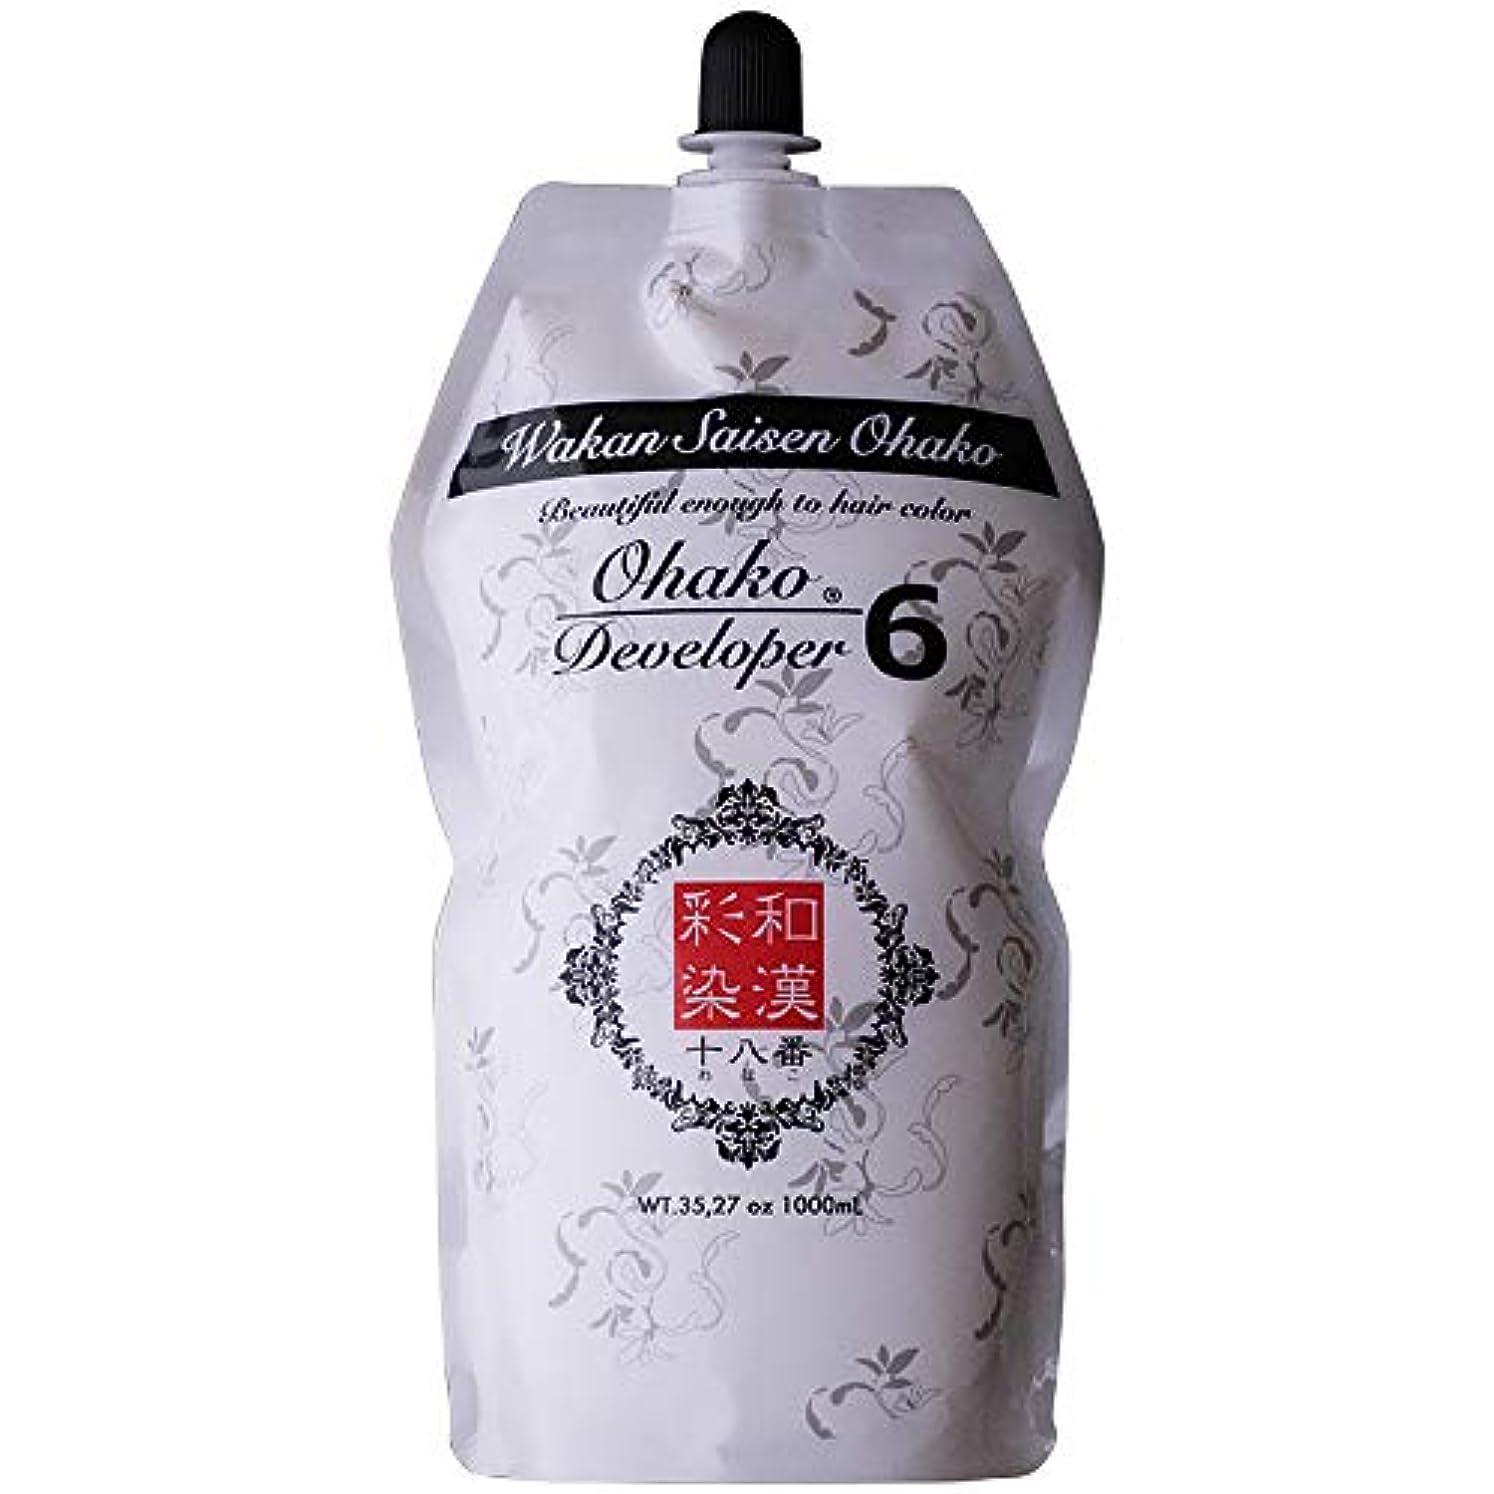 起こりやすい燃料チューリップ日本グランデックス 和漢彩染 十八番 デベロッパー 1000g(業務用) 全2種 6%